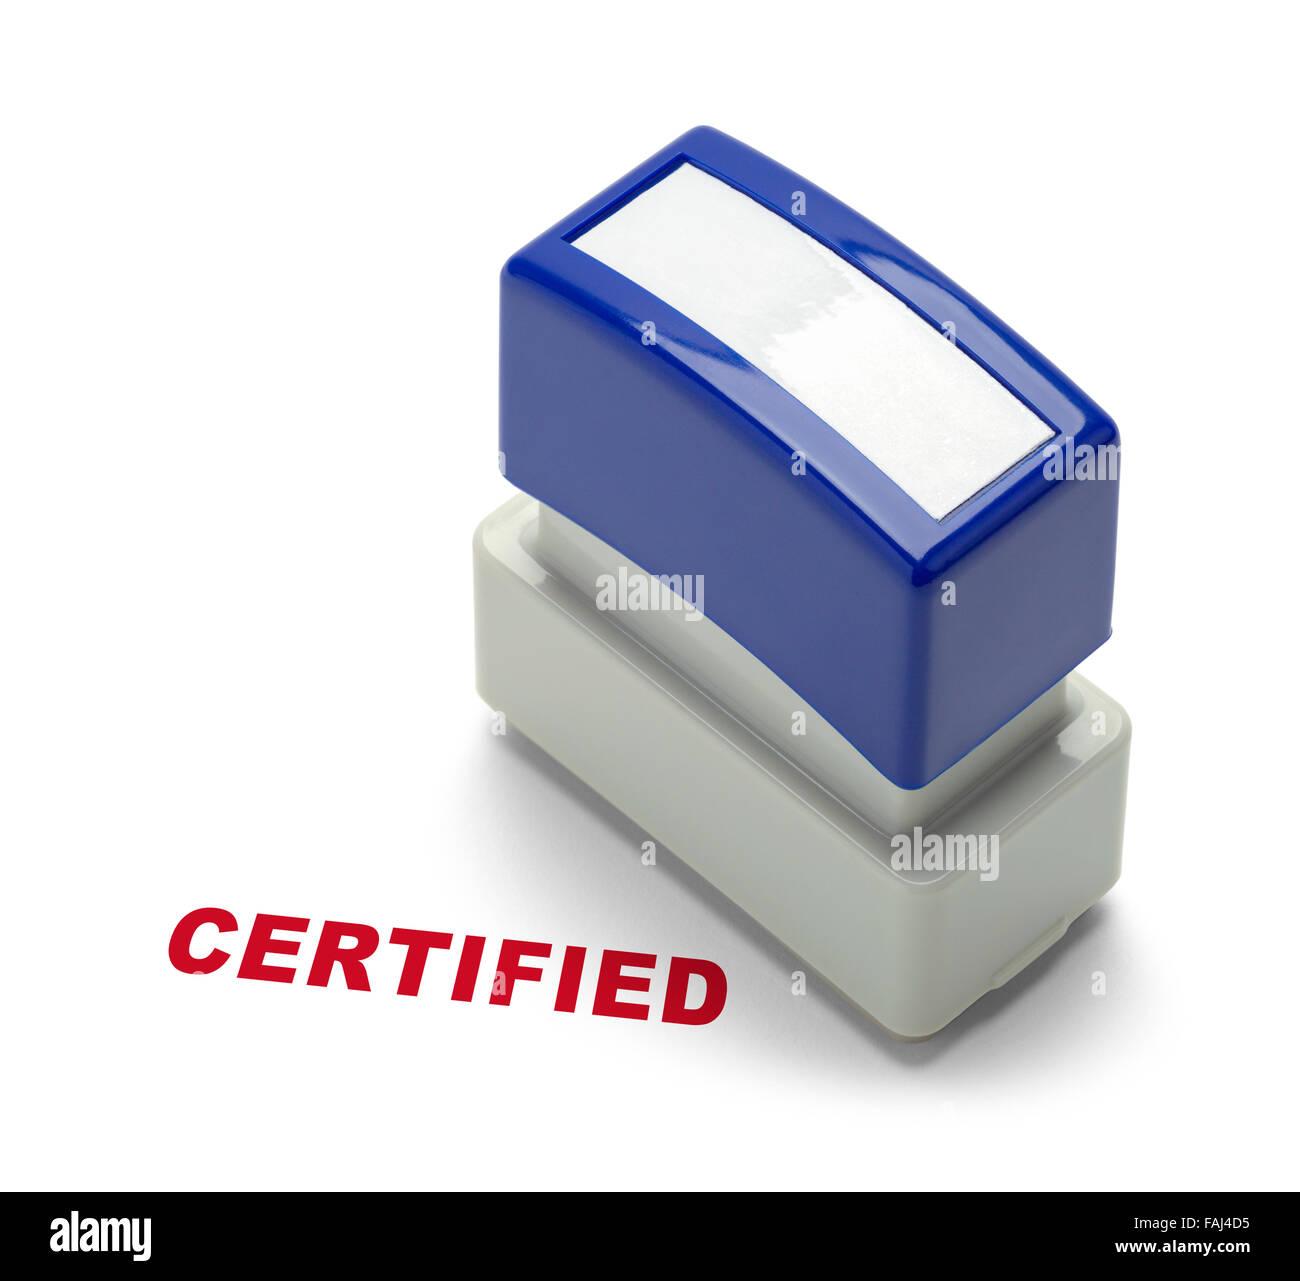 Unternehmen zertifiziert Stamper isoliert auf einem weißen Hintergrund. Stockbild